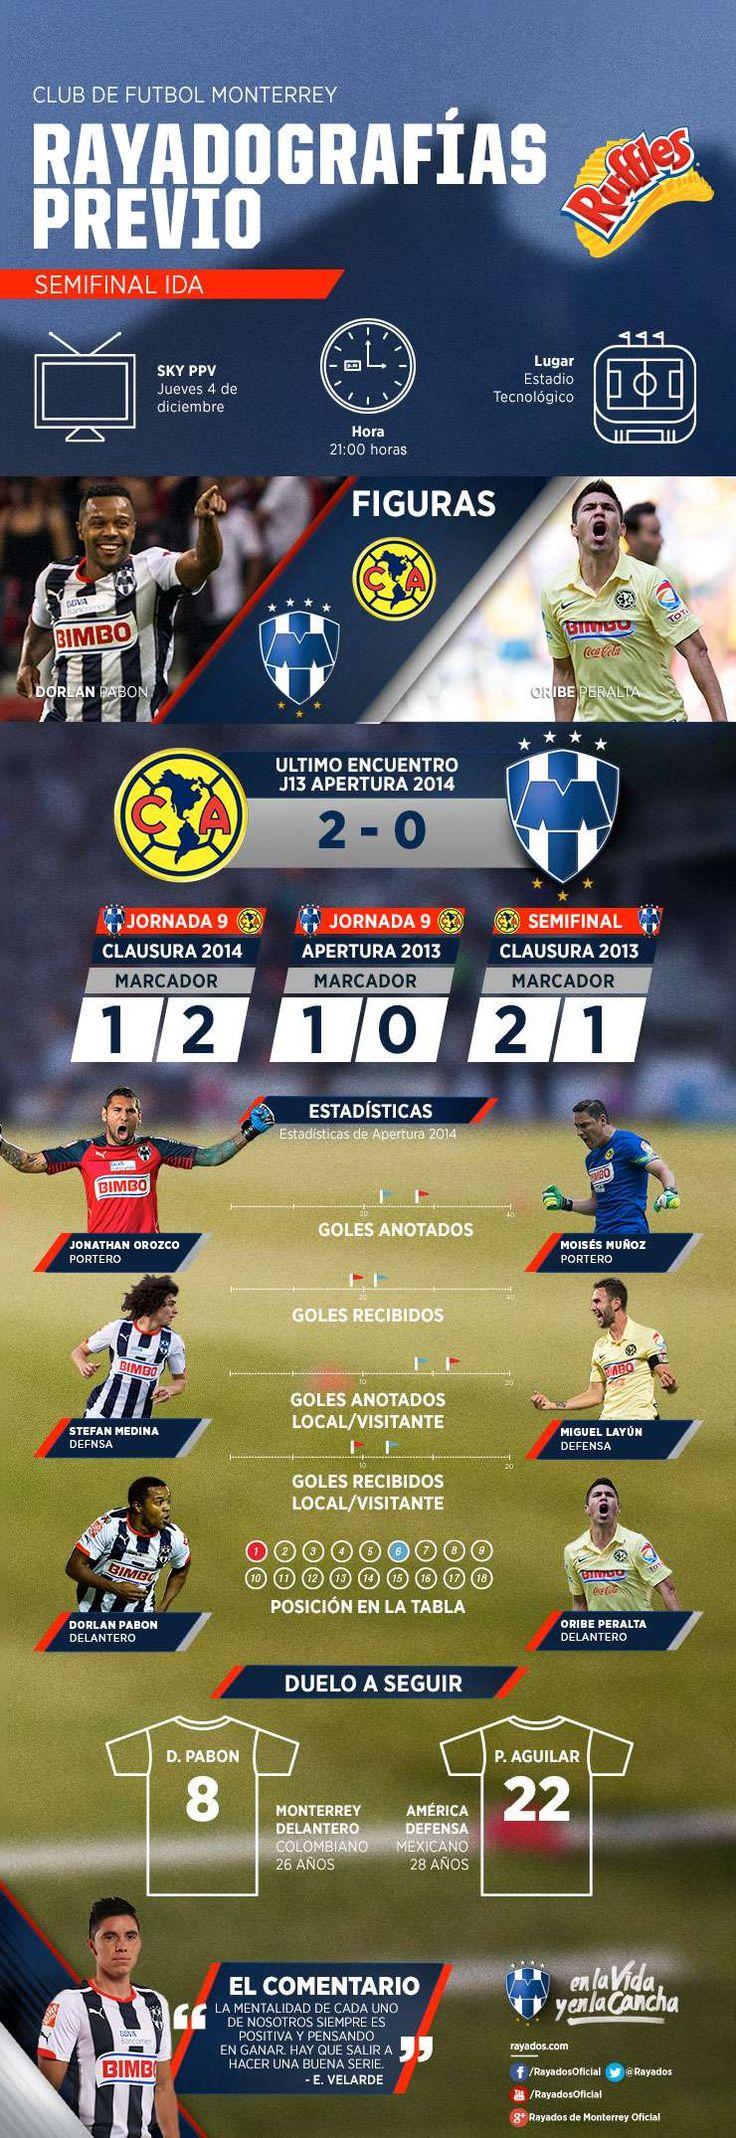 La #Rayadografía previa al partido de Ida en Semifinales es presentada por Ruffles MX. Para ver la imagen y más detalles da clic aquí: http://www.rayados.com/primer-equipo/rayadografia-rayados-vs-america-previa-semifinales,74993178cba0a410VgnVCM4000009bcceb0aRCRD.html